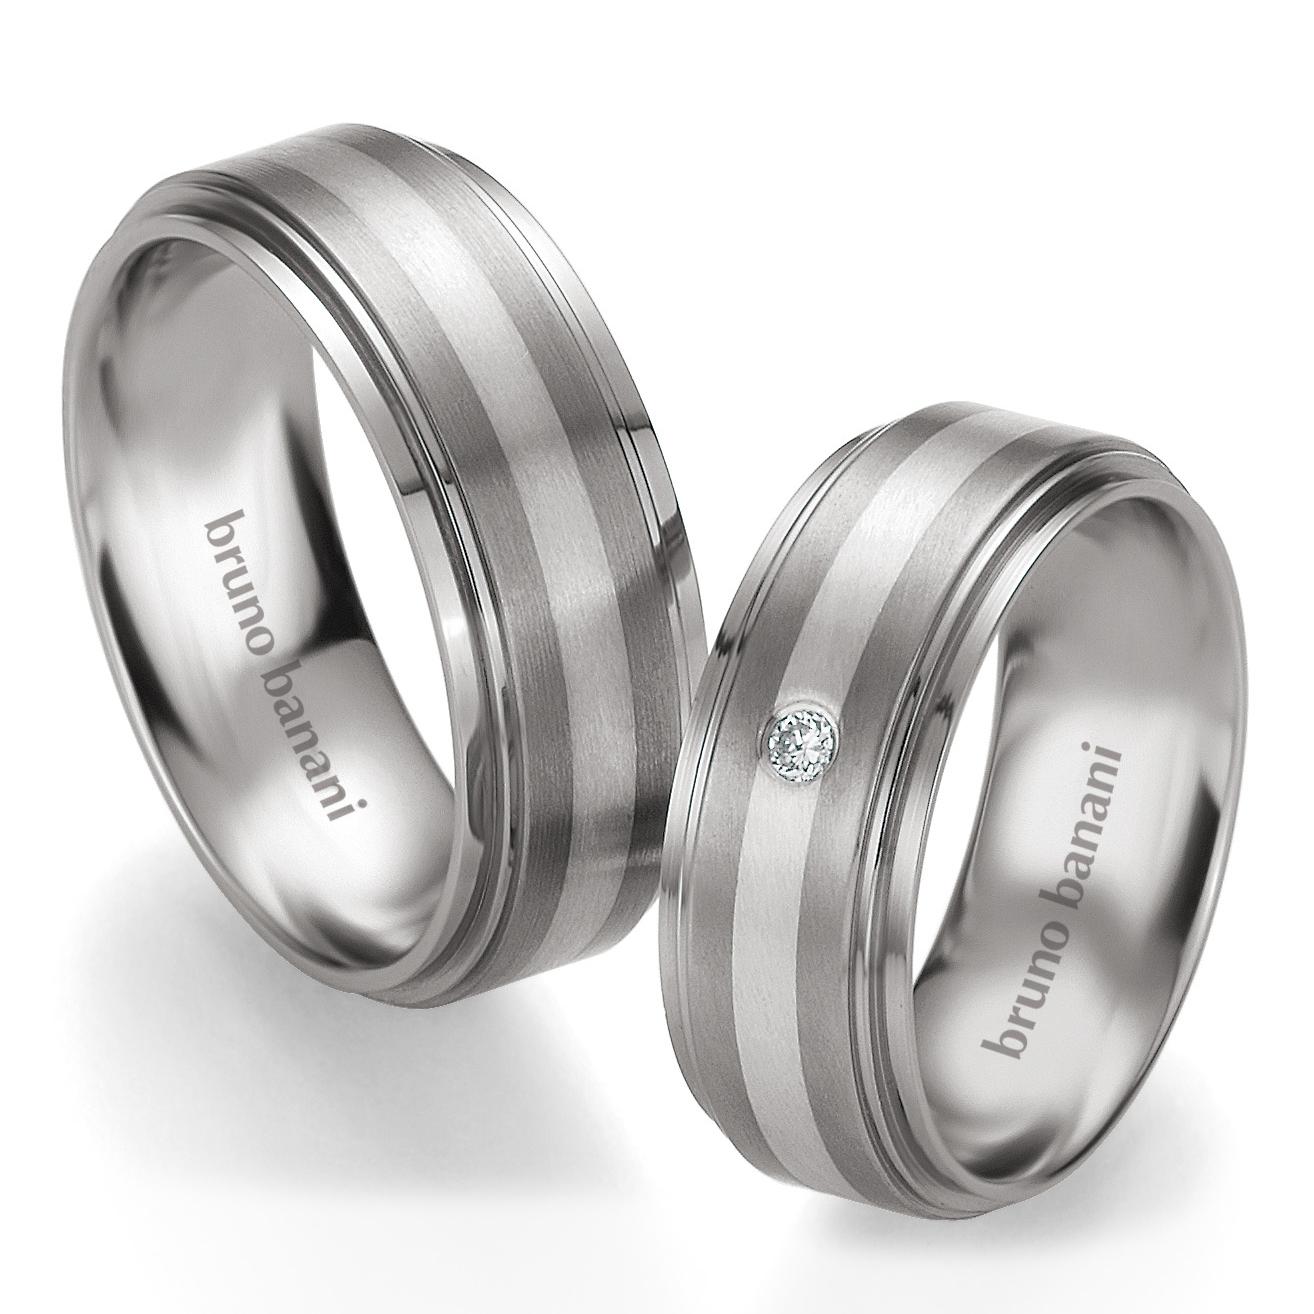 Bruno Banani Ringe Titan mit Silber 42.83188  44.83189